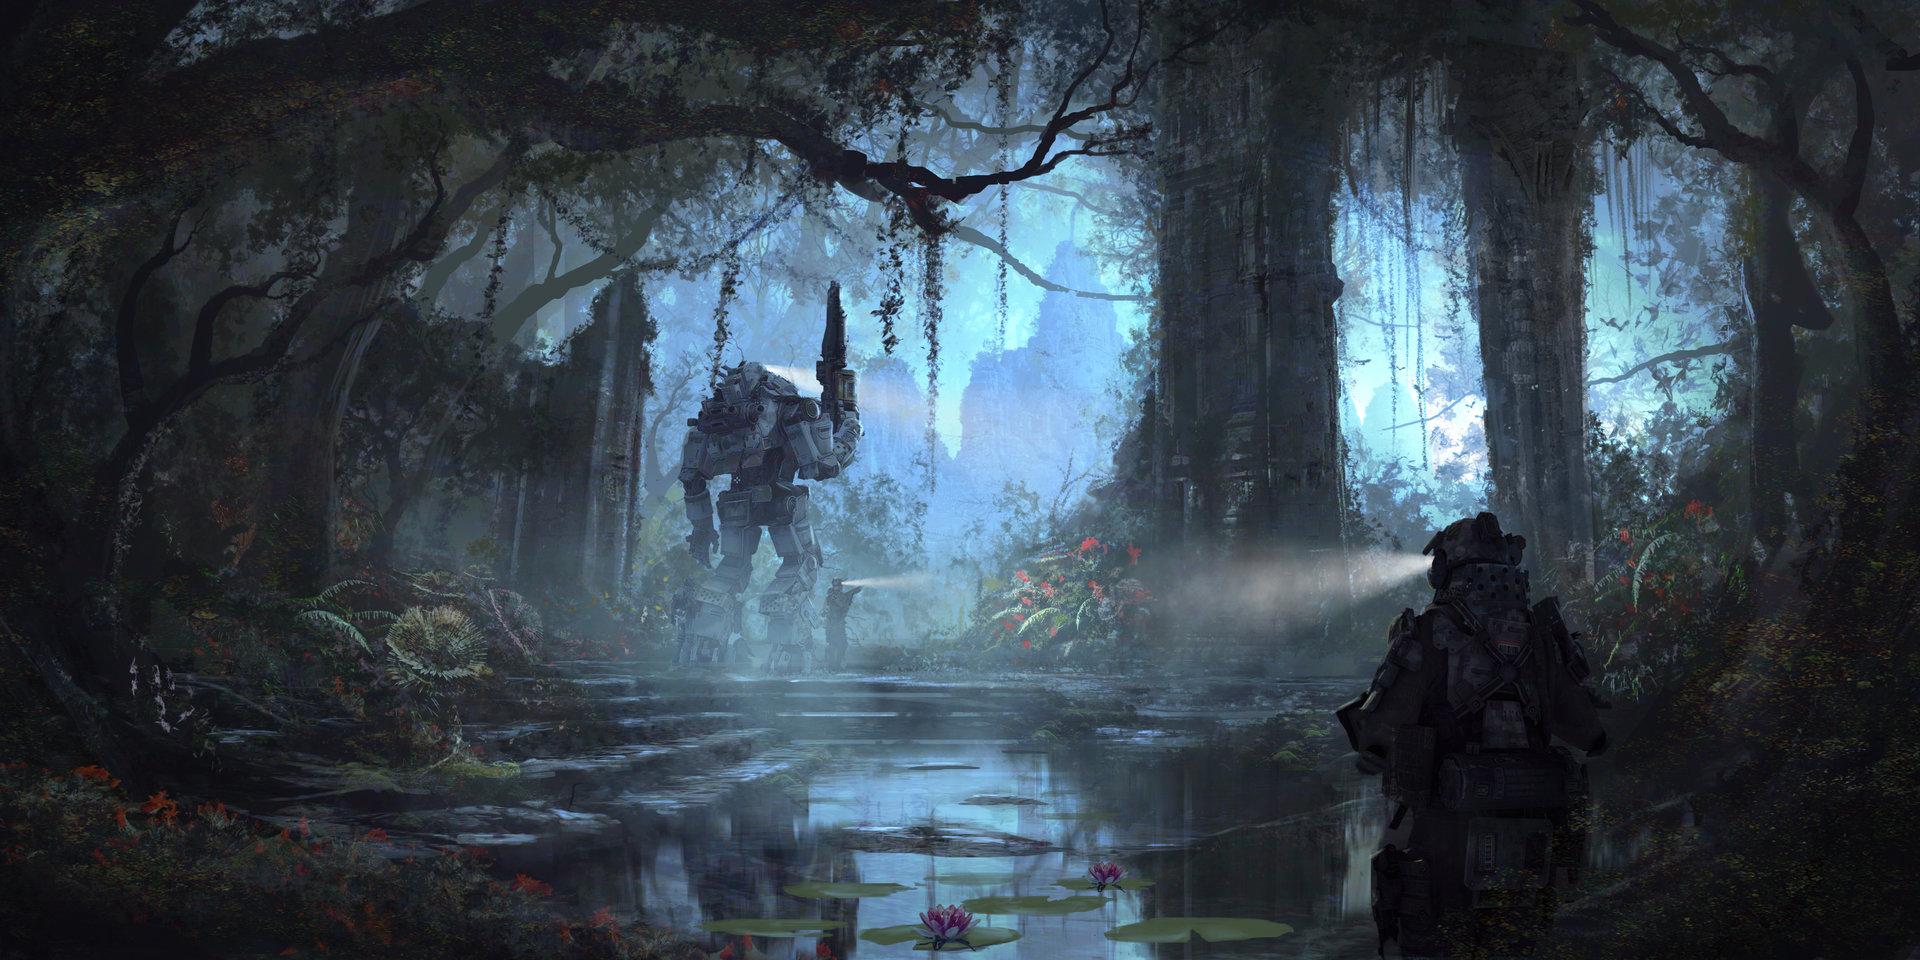 Tu bui swamp night temple